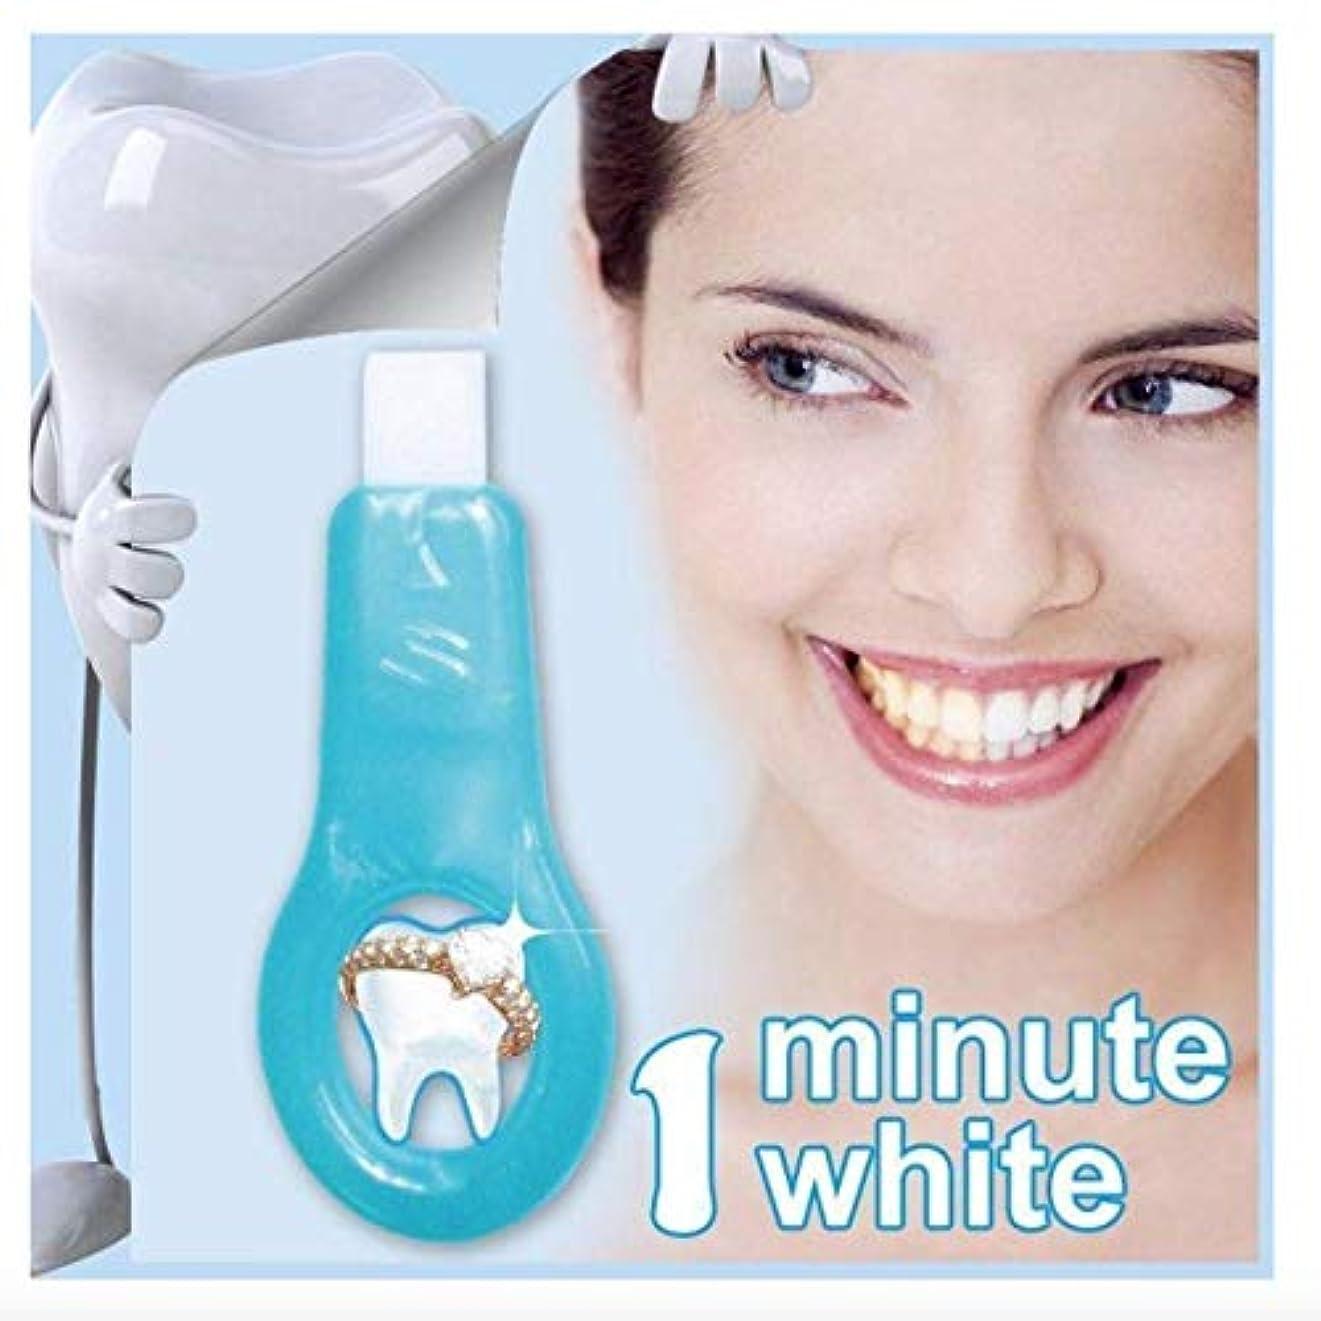 ロビーリードマージン歯 美白 - Delaman 歯 ホワイトニング、ナノ、歯の汚れ、コーヒーの汚れを取り除く、歯 ケア、1つ ハンドル+2つクリーニングストリップ